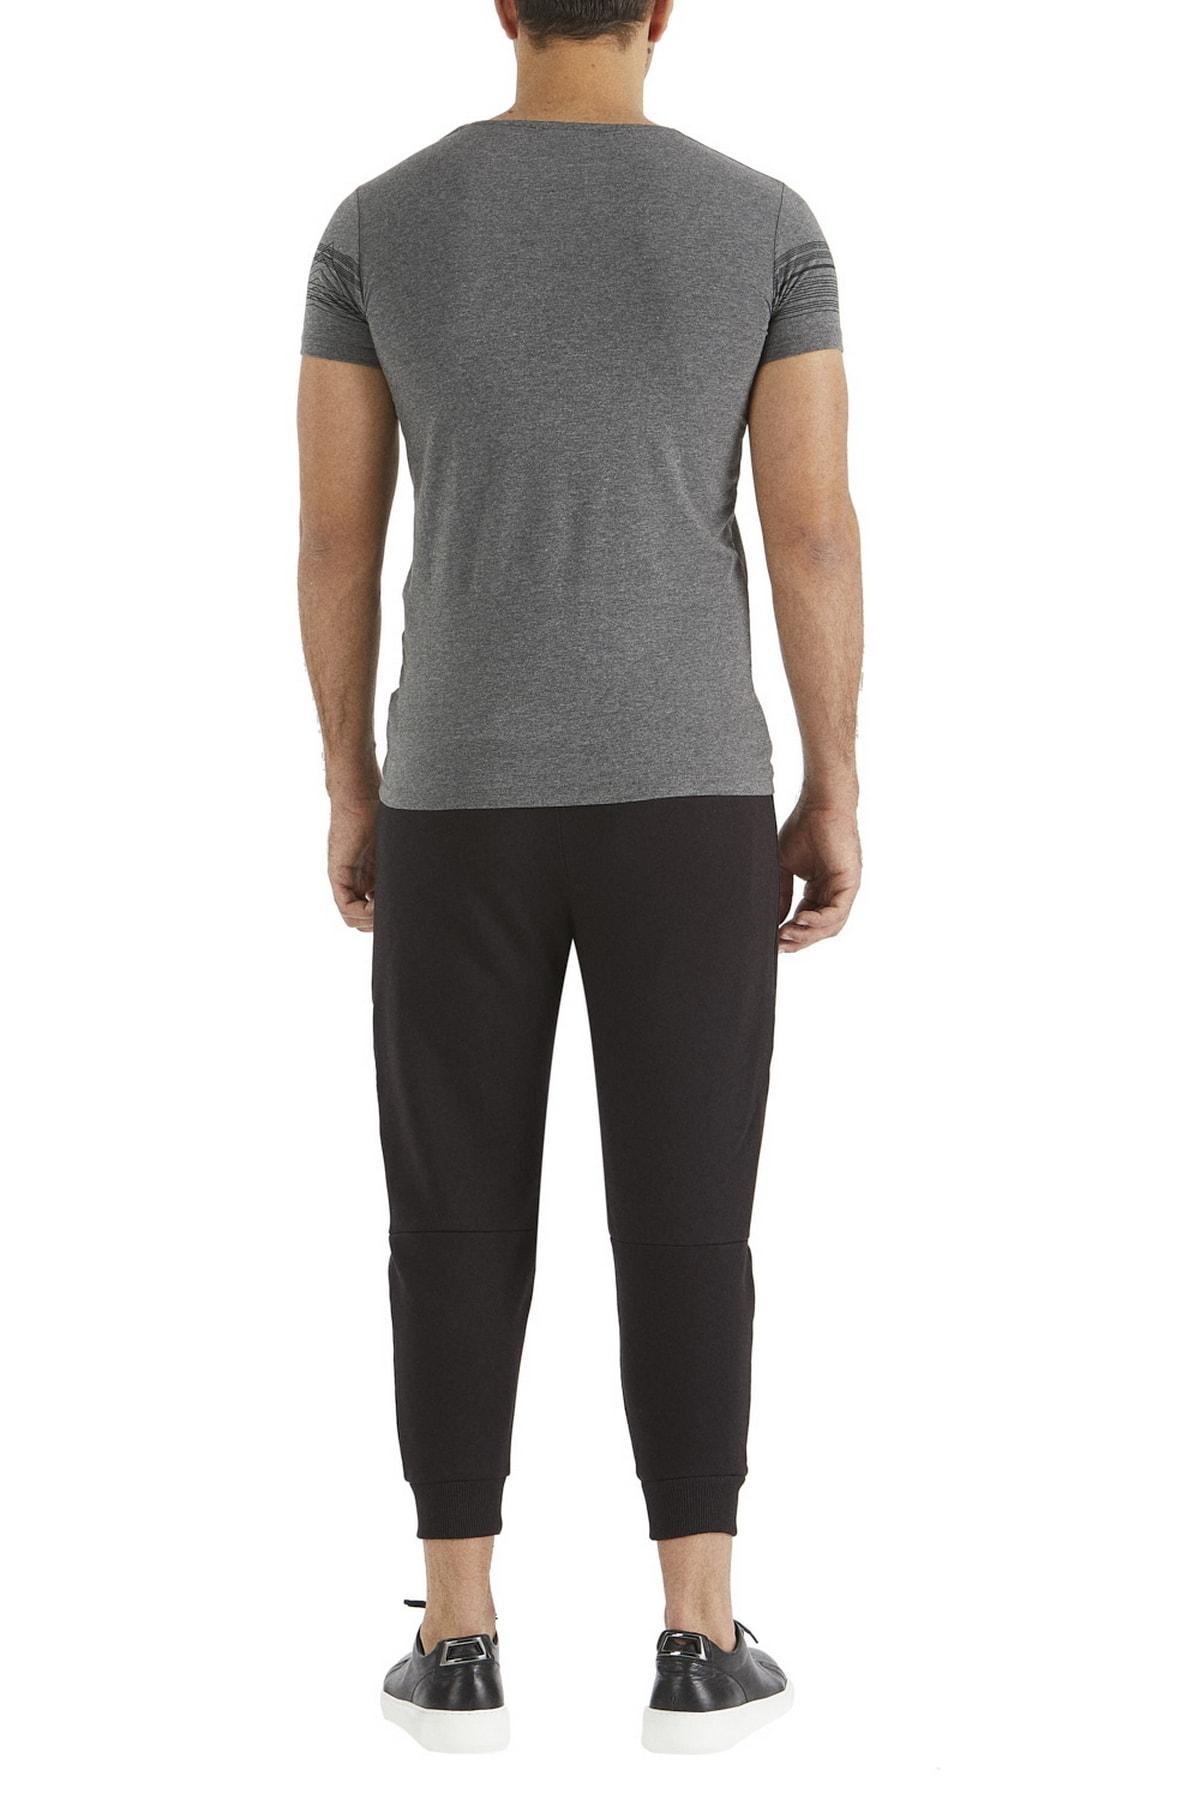 Efor Atp 01 Rahat Kesim Siyah Spor Pantolon 2